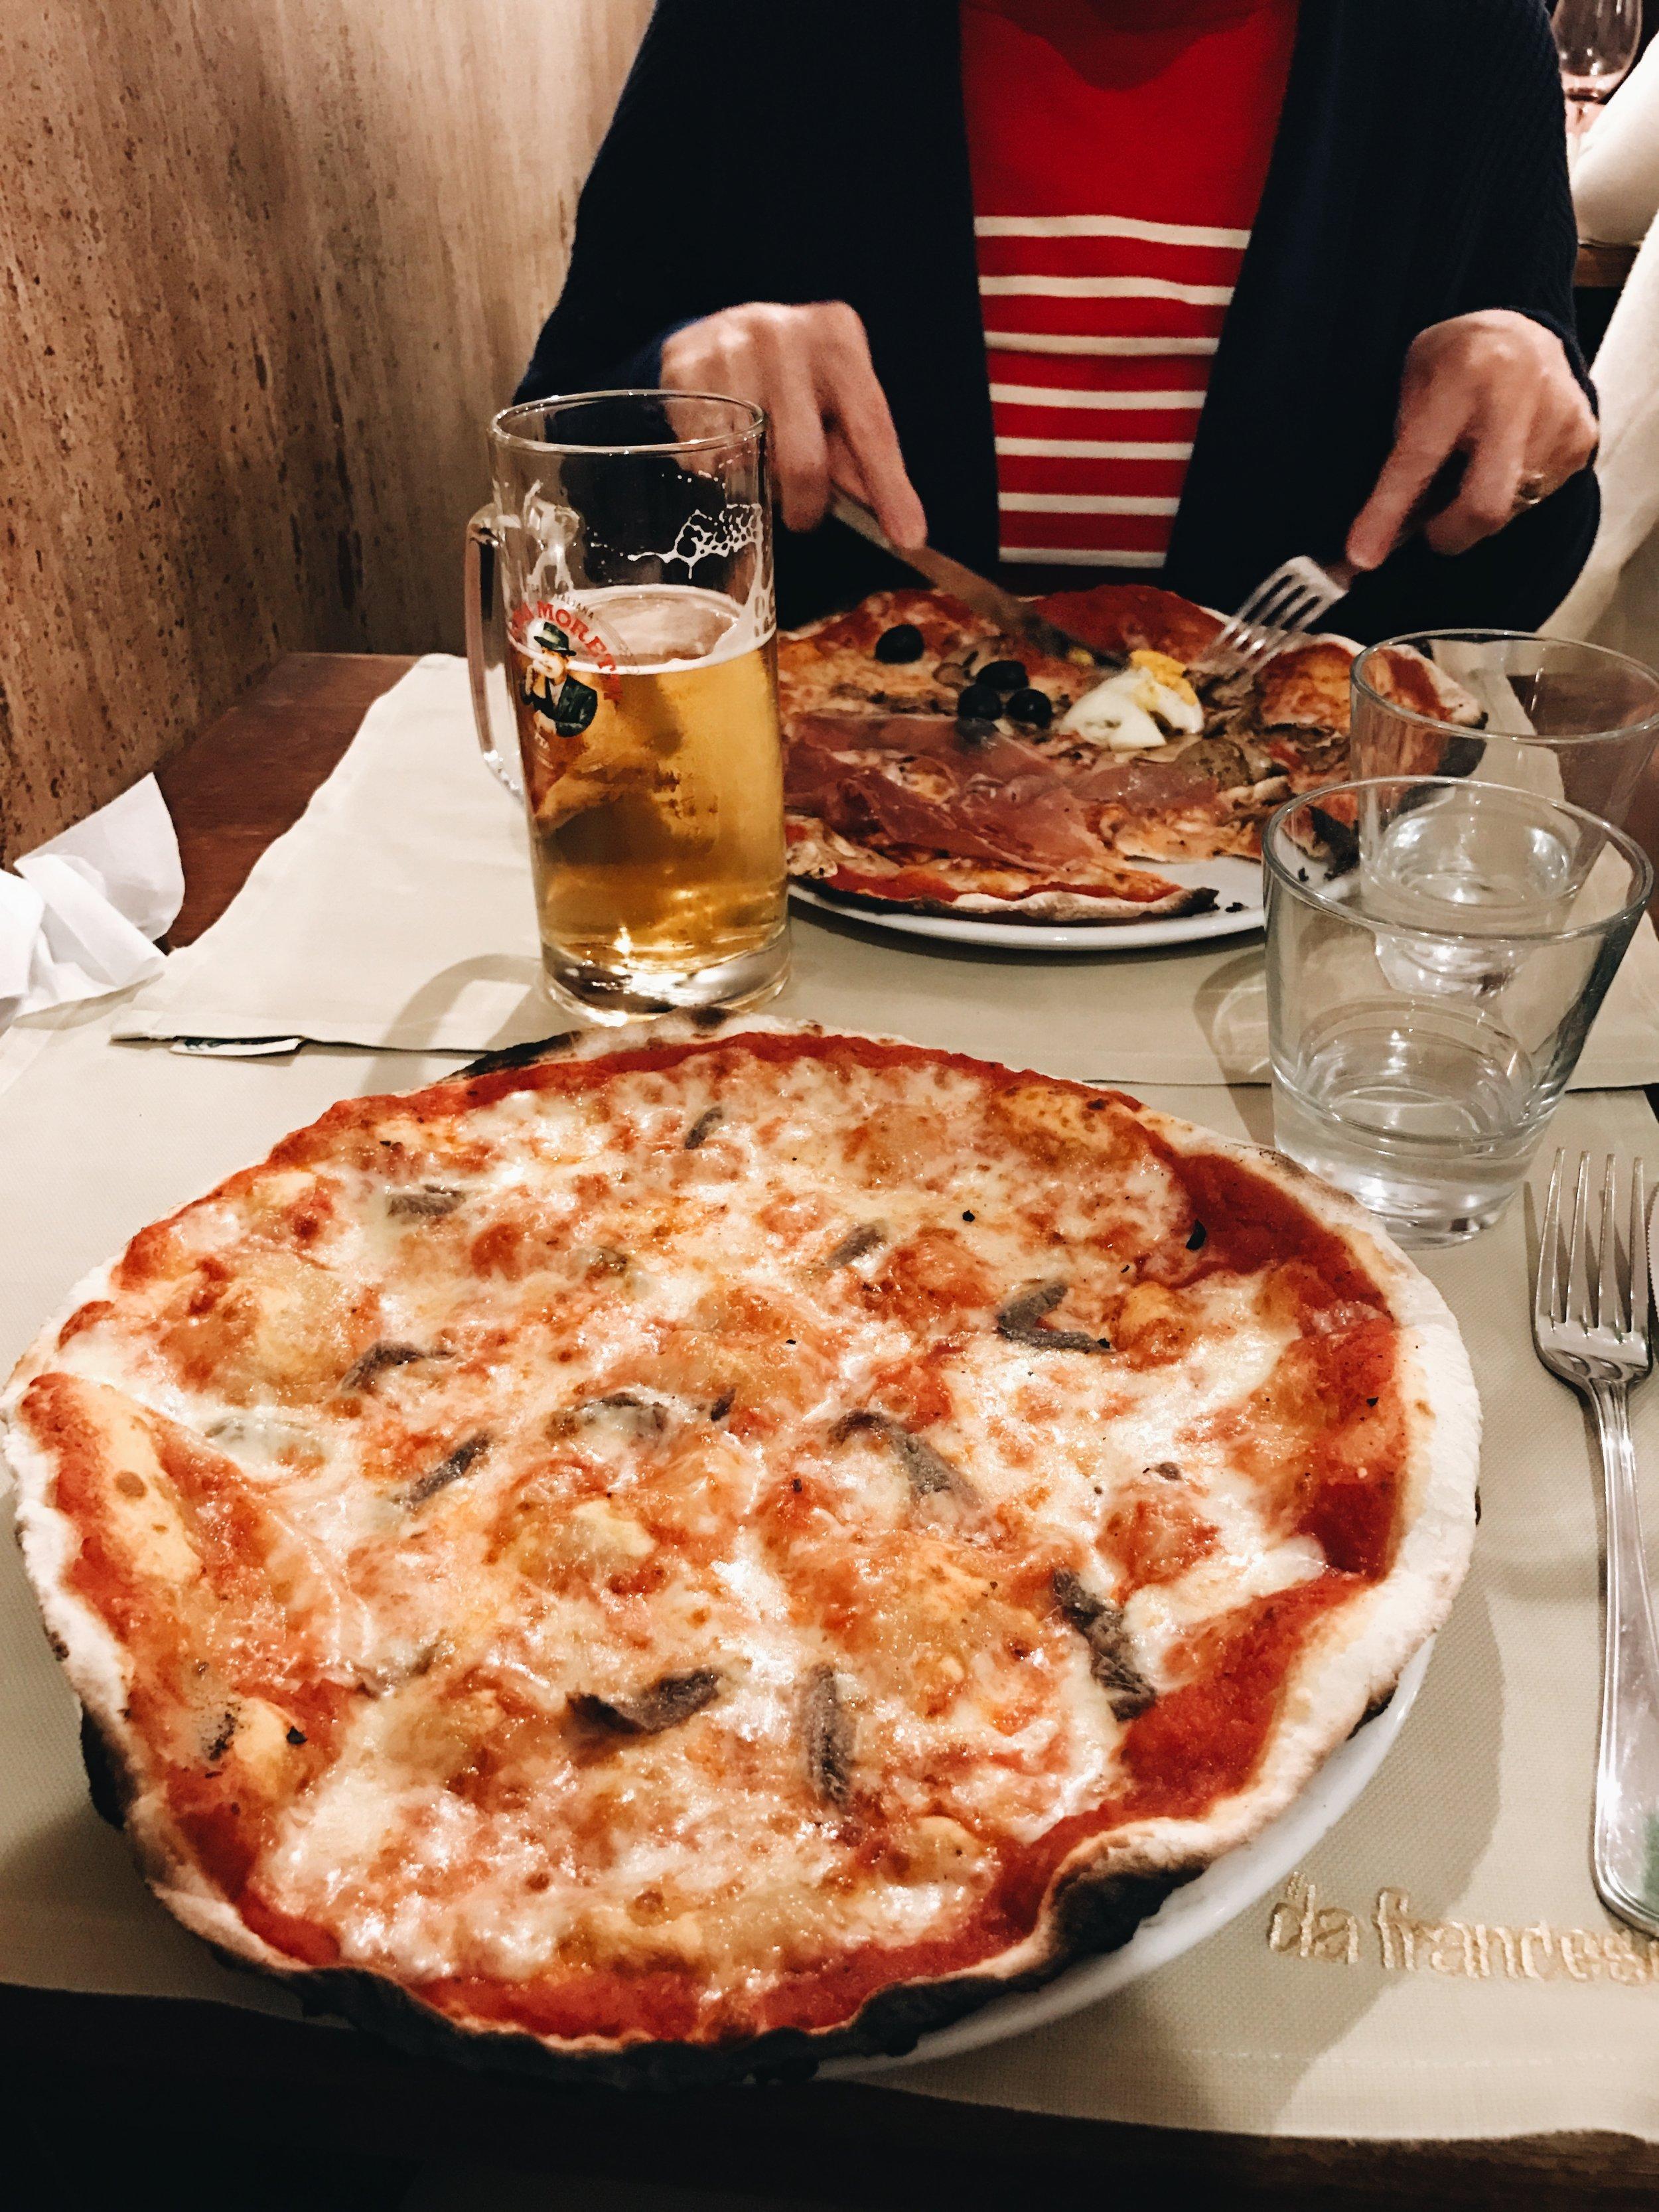 Pizza at Da Francesco